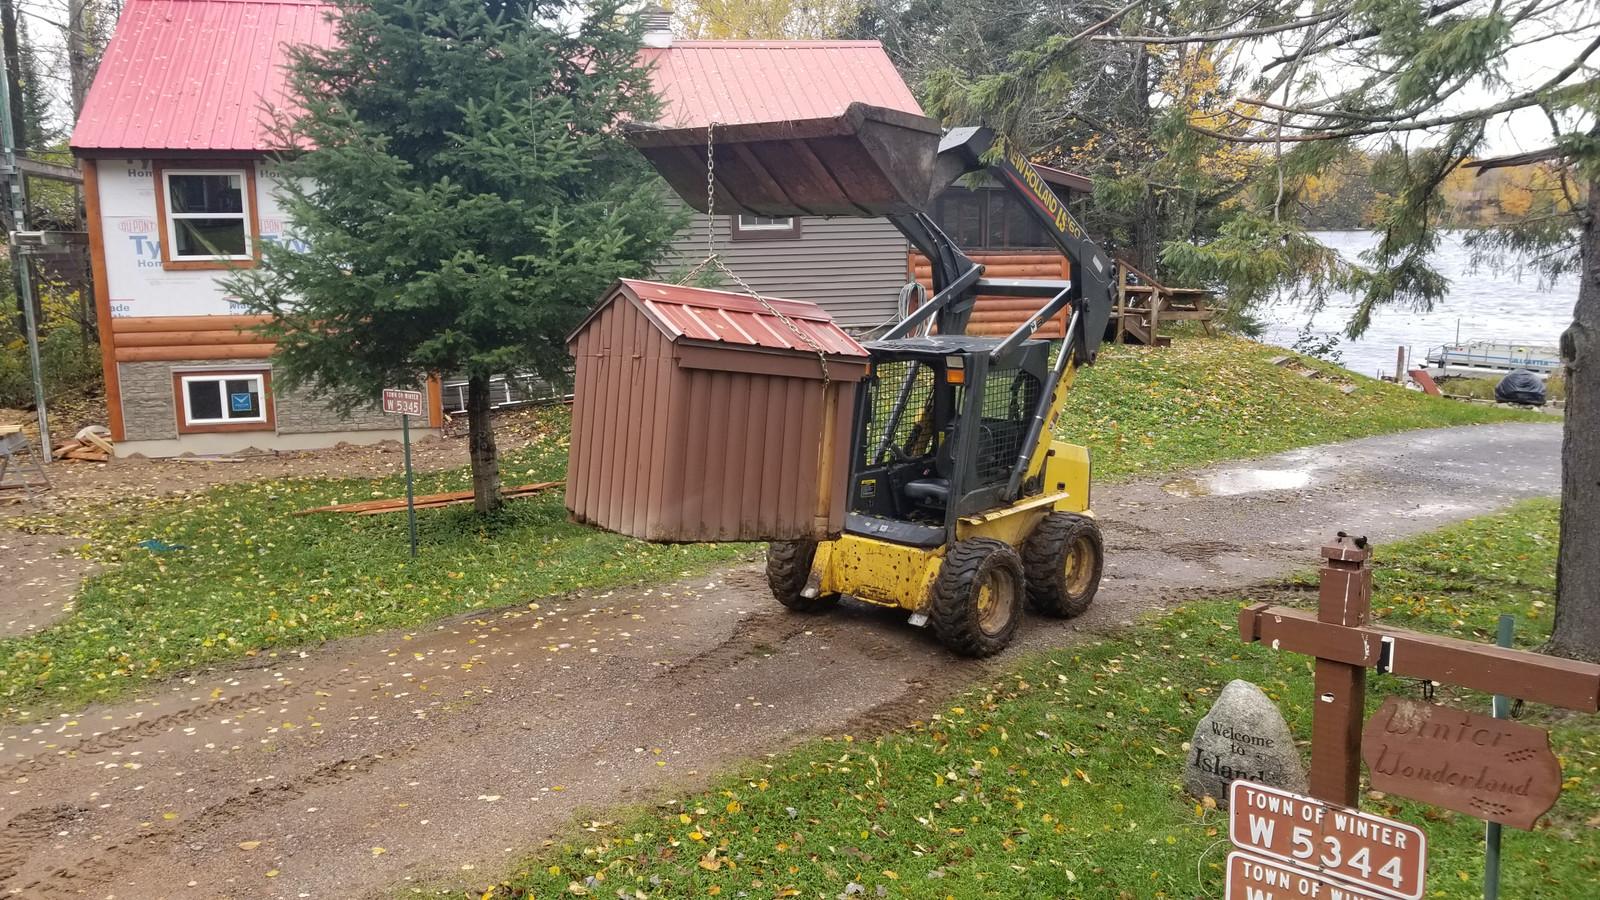 Skid-steer work